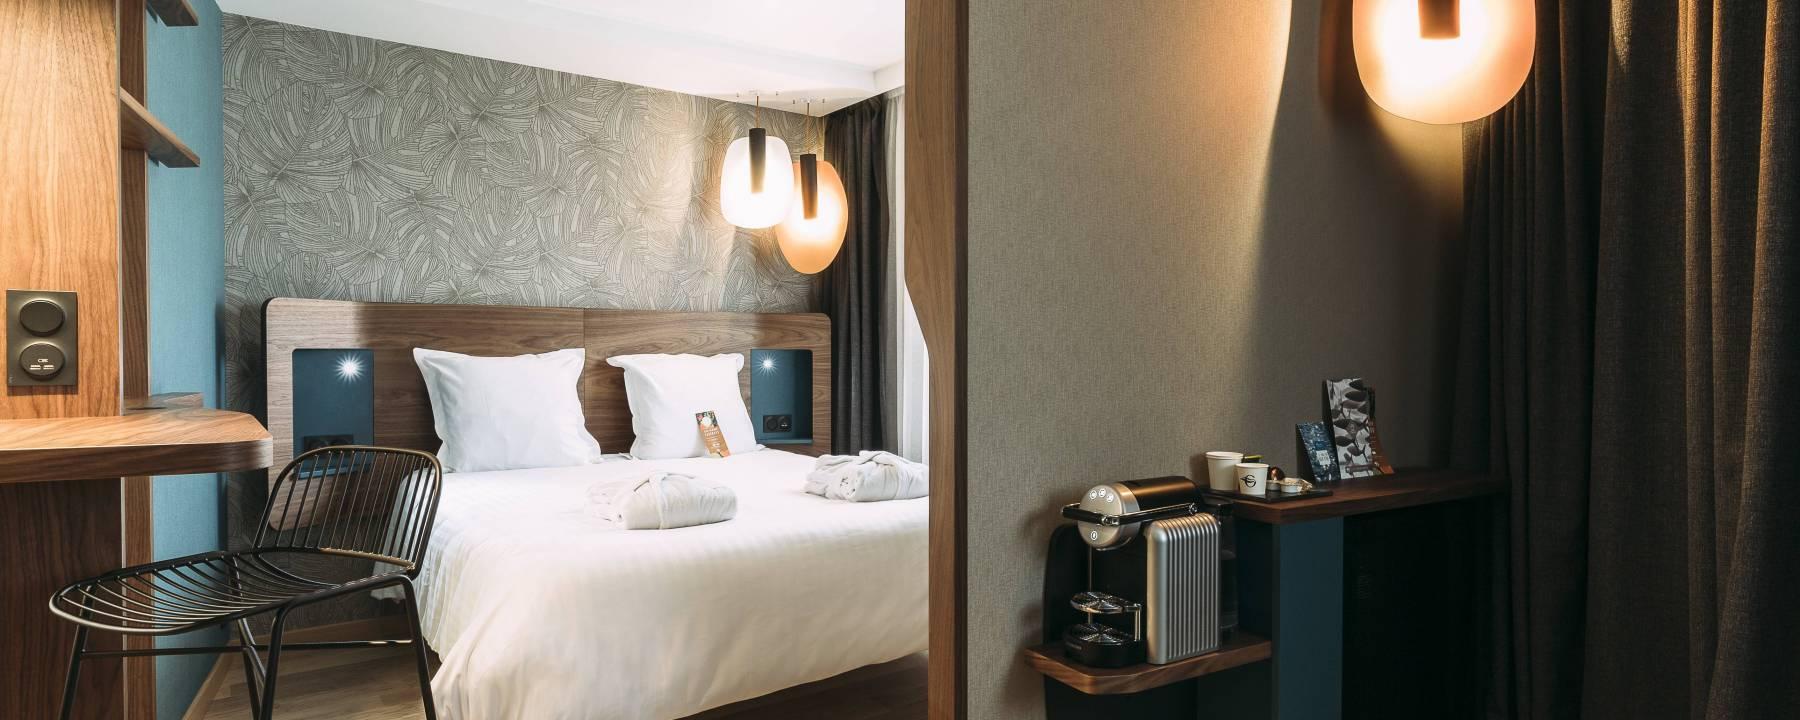 hotel oceania paris porte de versailles paris